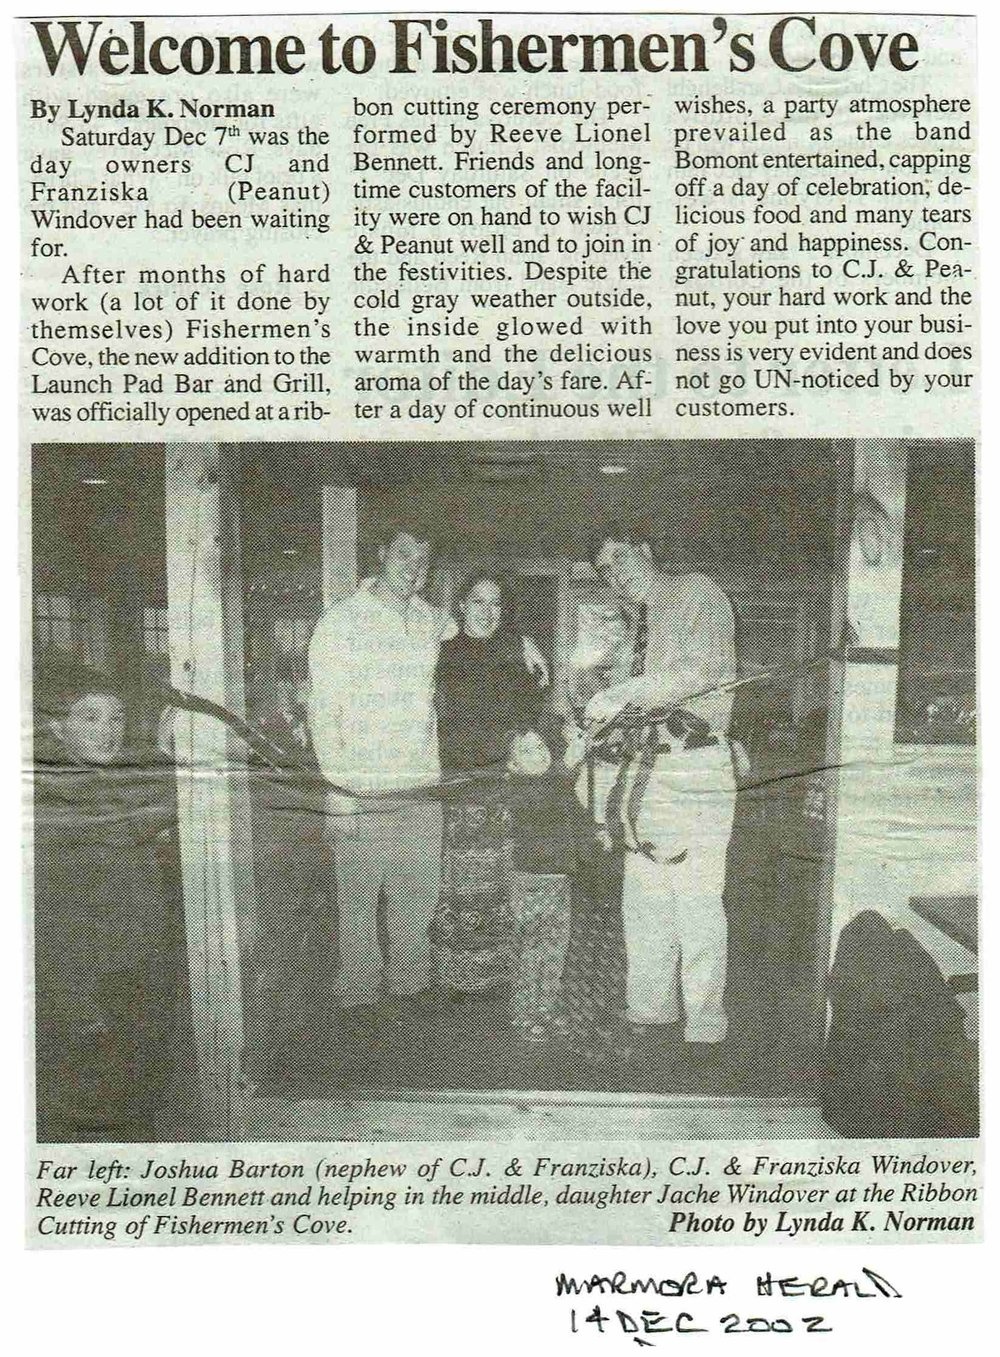 2002 Fisherman's Cove 44 Main St.JPG